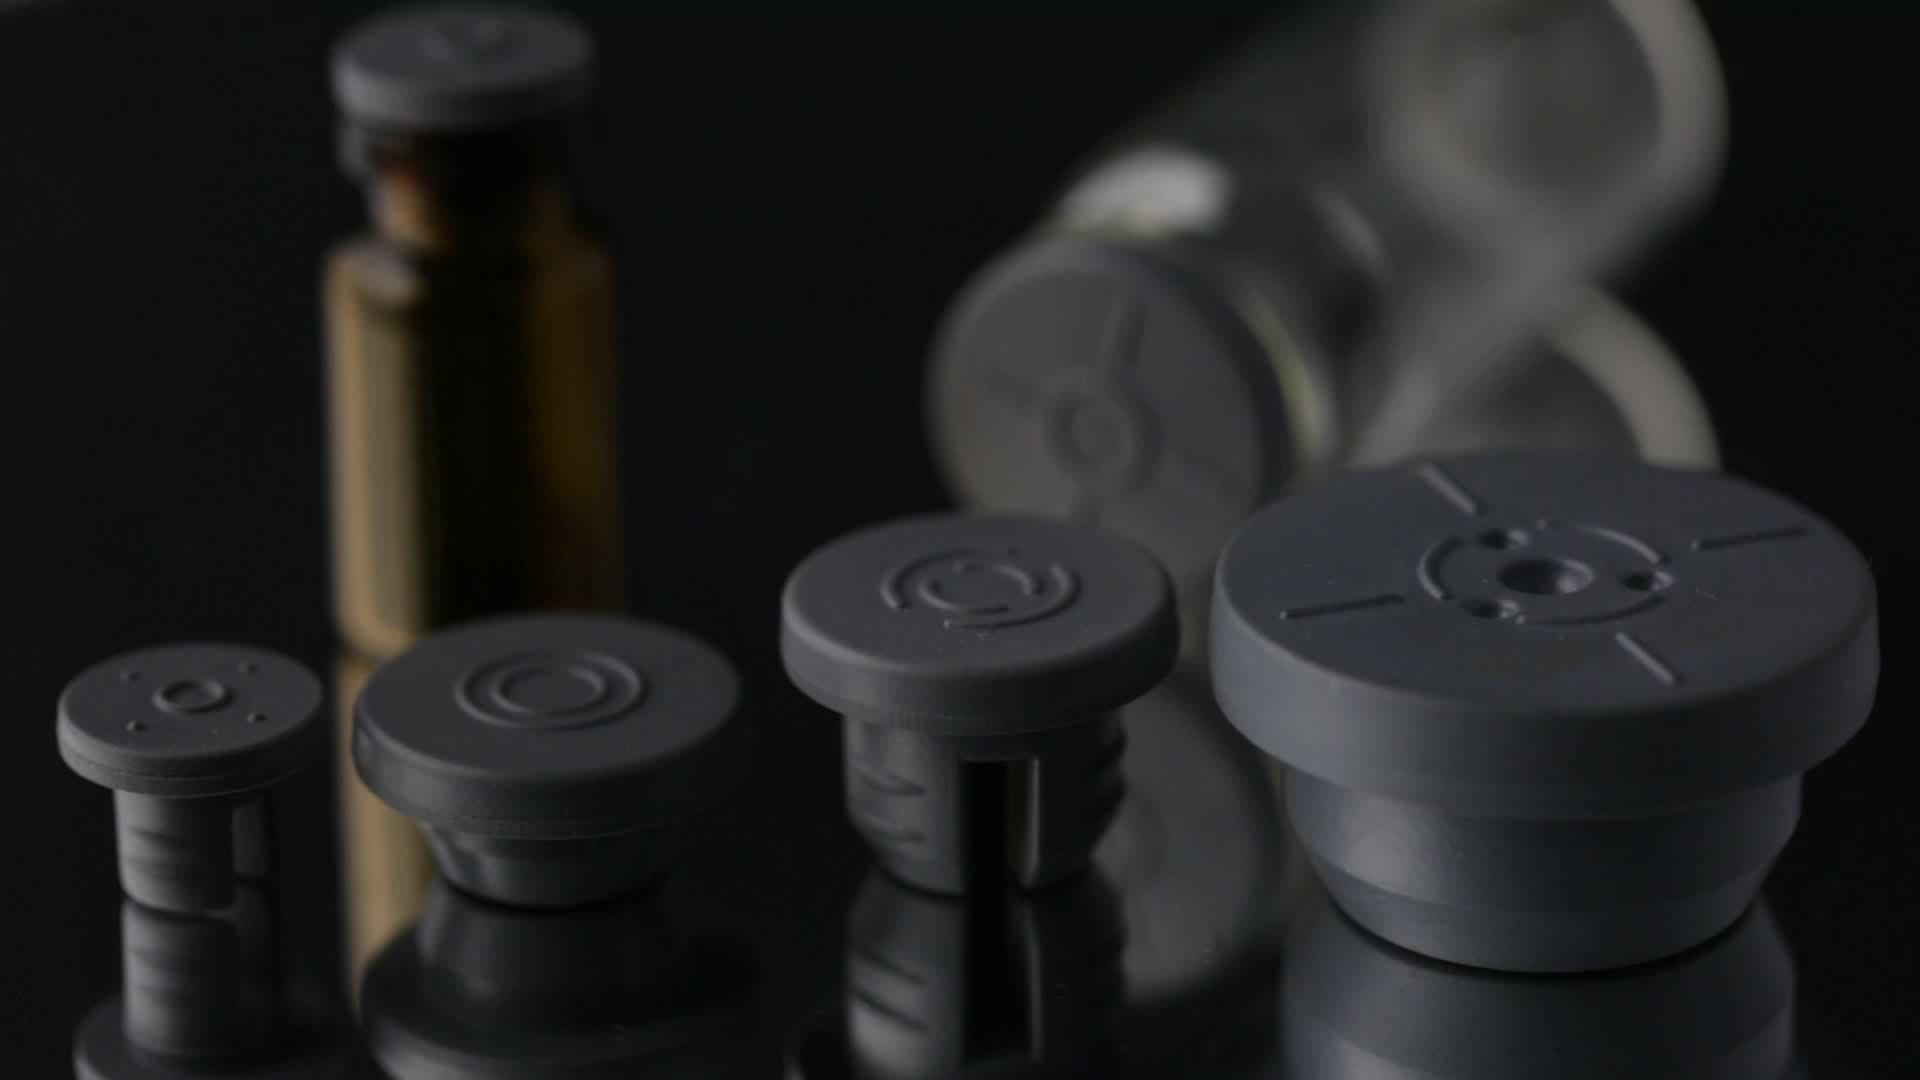 Medizinische grade bromobutylgummistopfen für pharma anlage verwenden